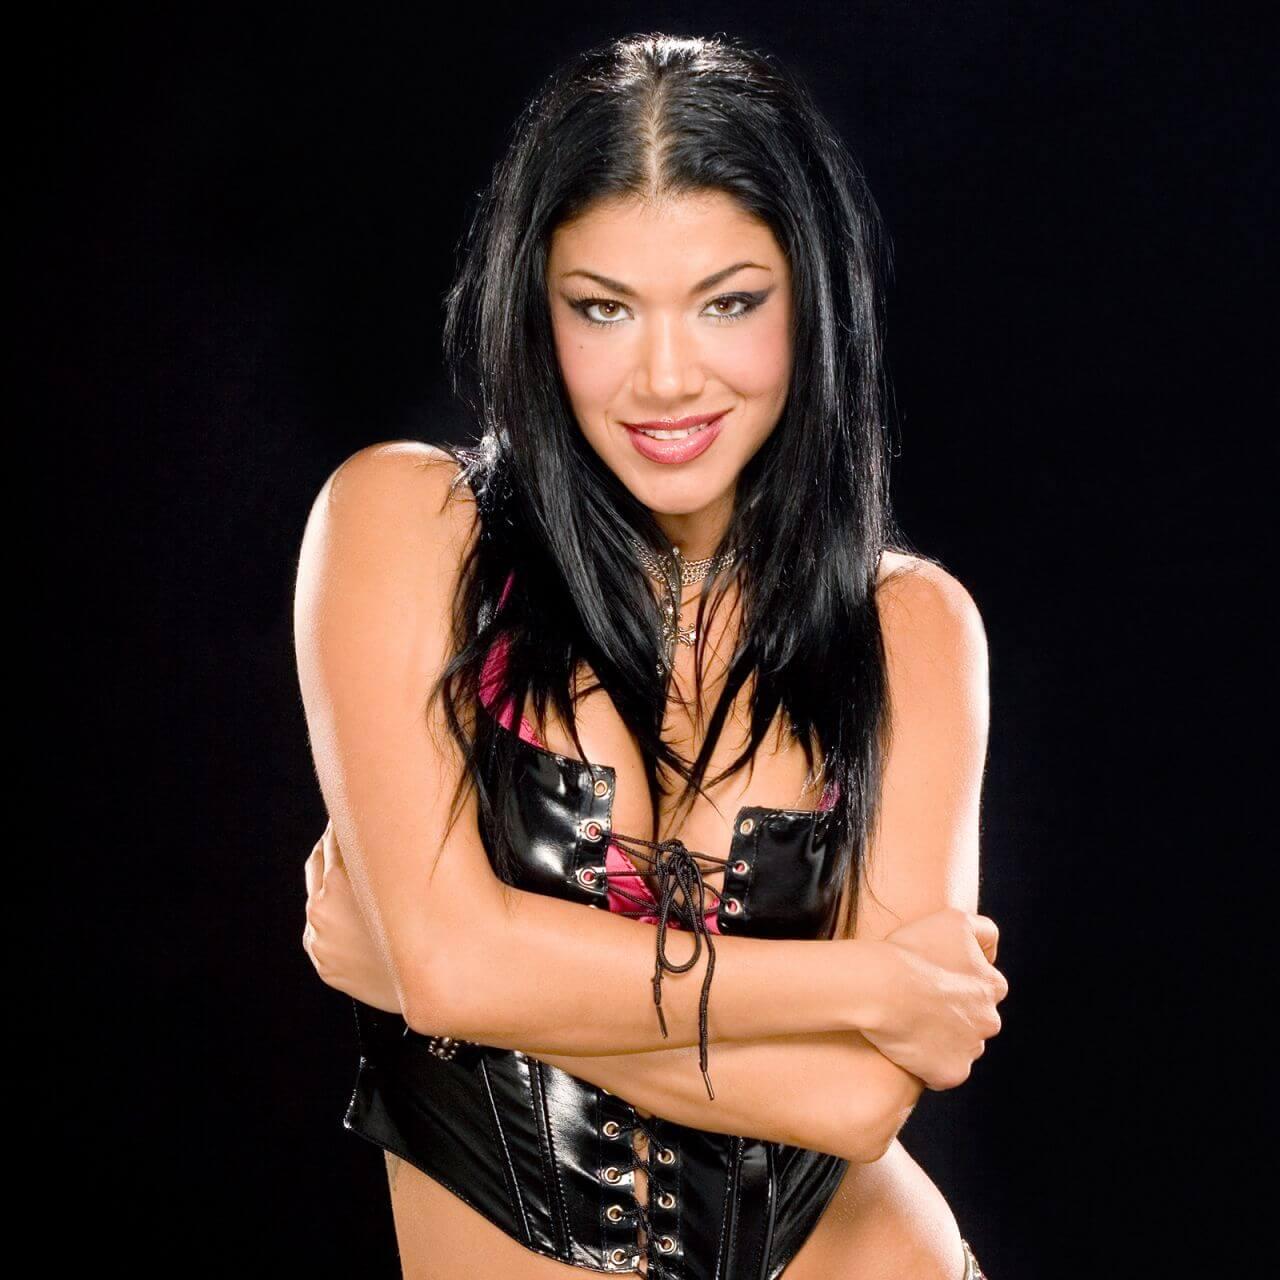 Rosa Mendes hot